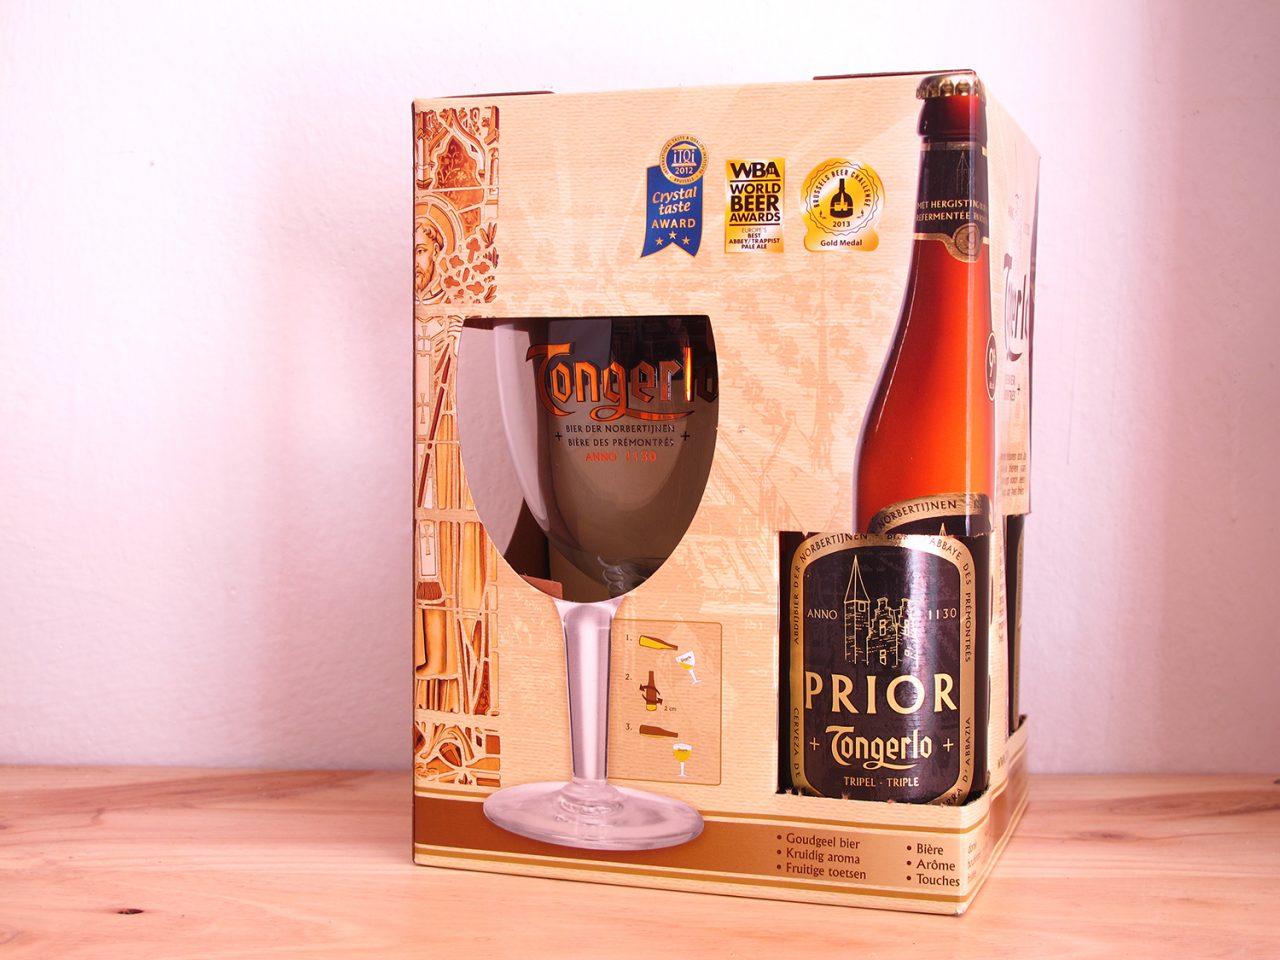 Pack Tongerlo 3 estilos de cerveza belga más copa